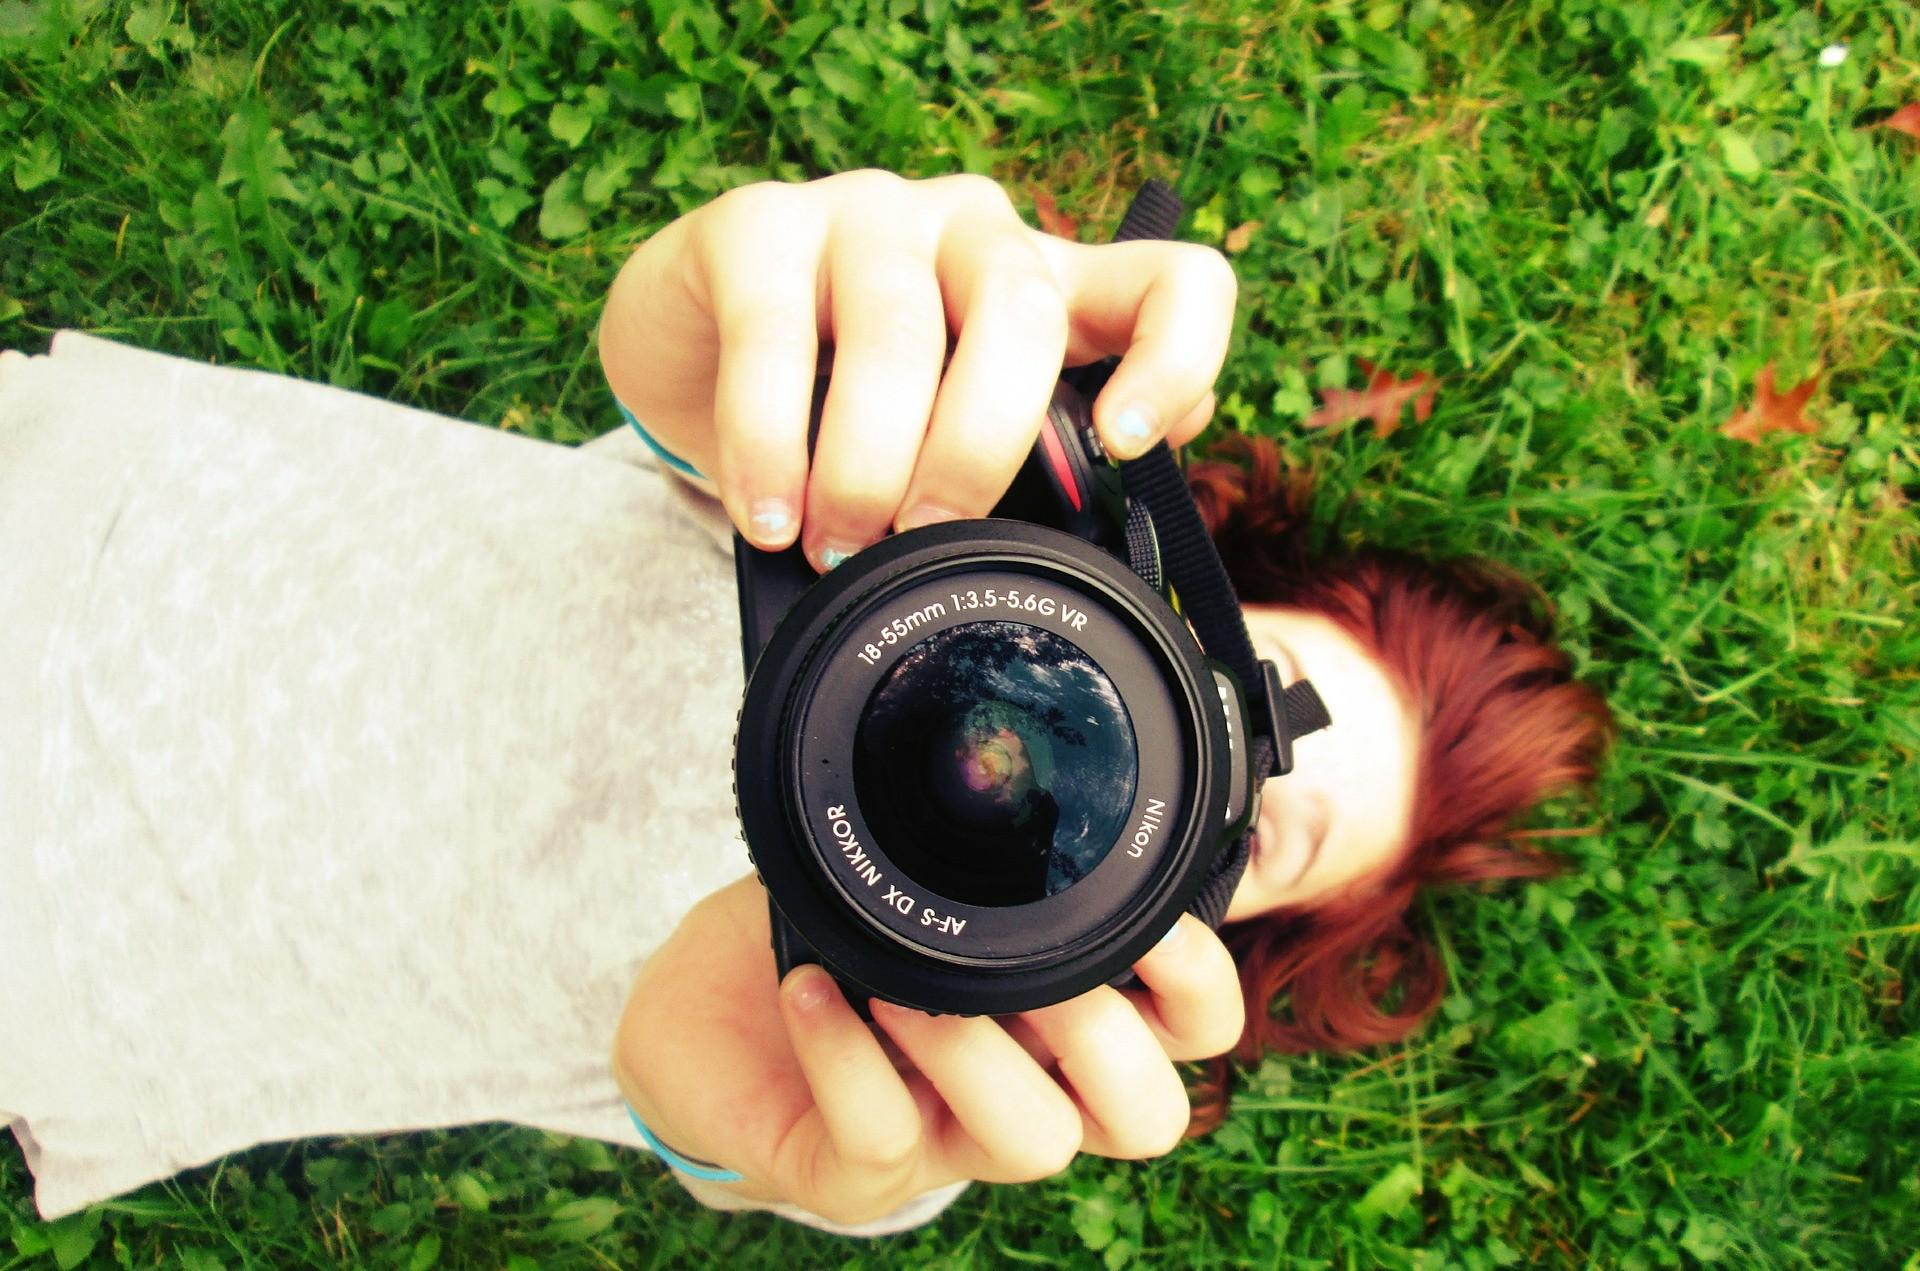 הילד/ה לא עוזב/ת את המצלמה? הסדנא הזו במיוחד בשבילו/ה!! הסדנא מיועדת לבנים ובנות בגיל העשרה שאוהבים לצלם, להצטלם ורוצים ללמוד ולהעשיר את הידע שלהם בצילום תוך התנסות ולמידה אקטיבית וחוויתית. לפרטים הכנסו לקישור: https://lp.vp4.me/8esi